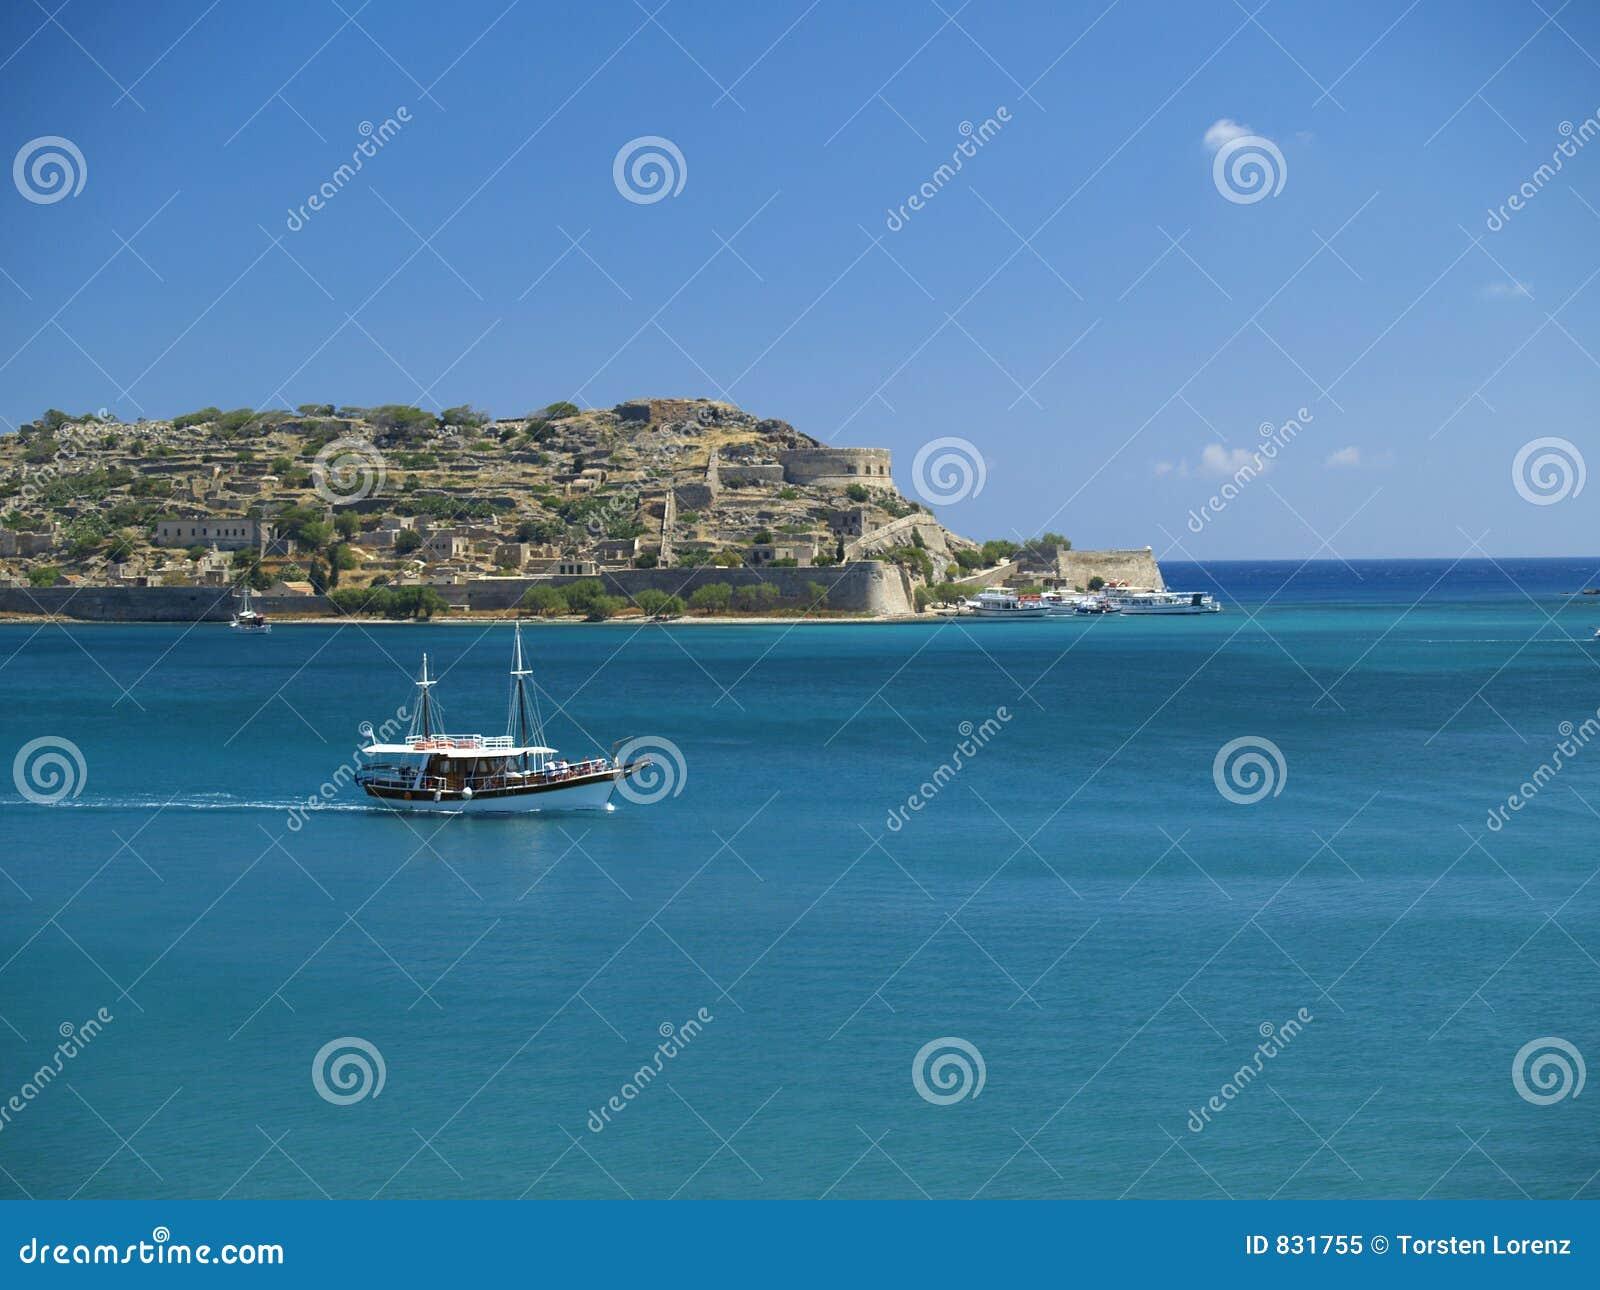 Boat at spinalonga